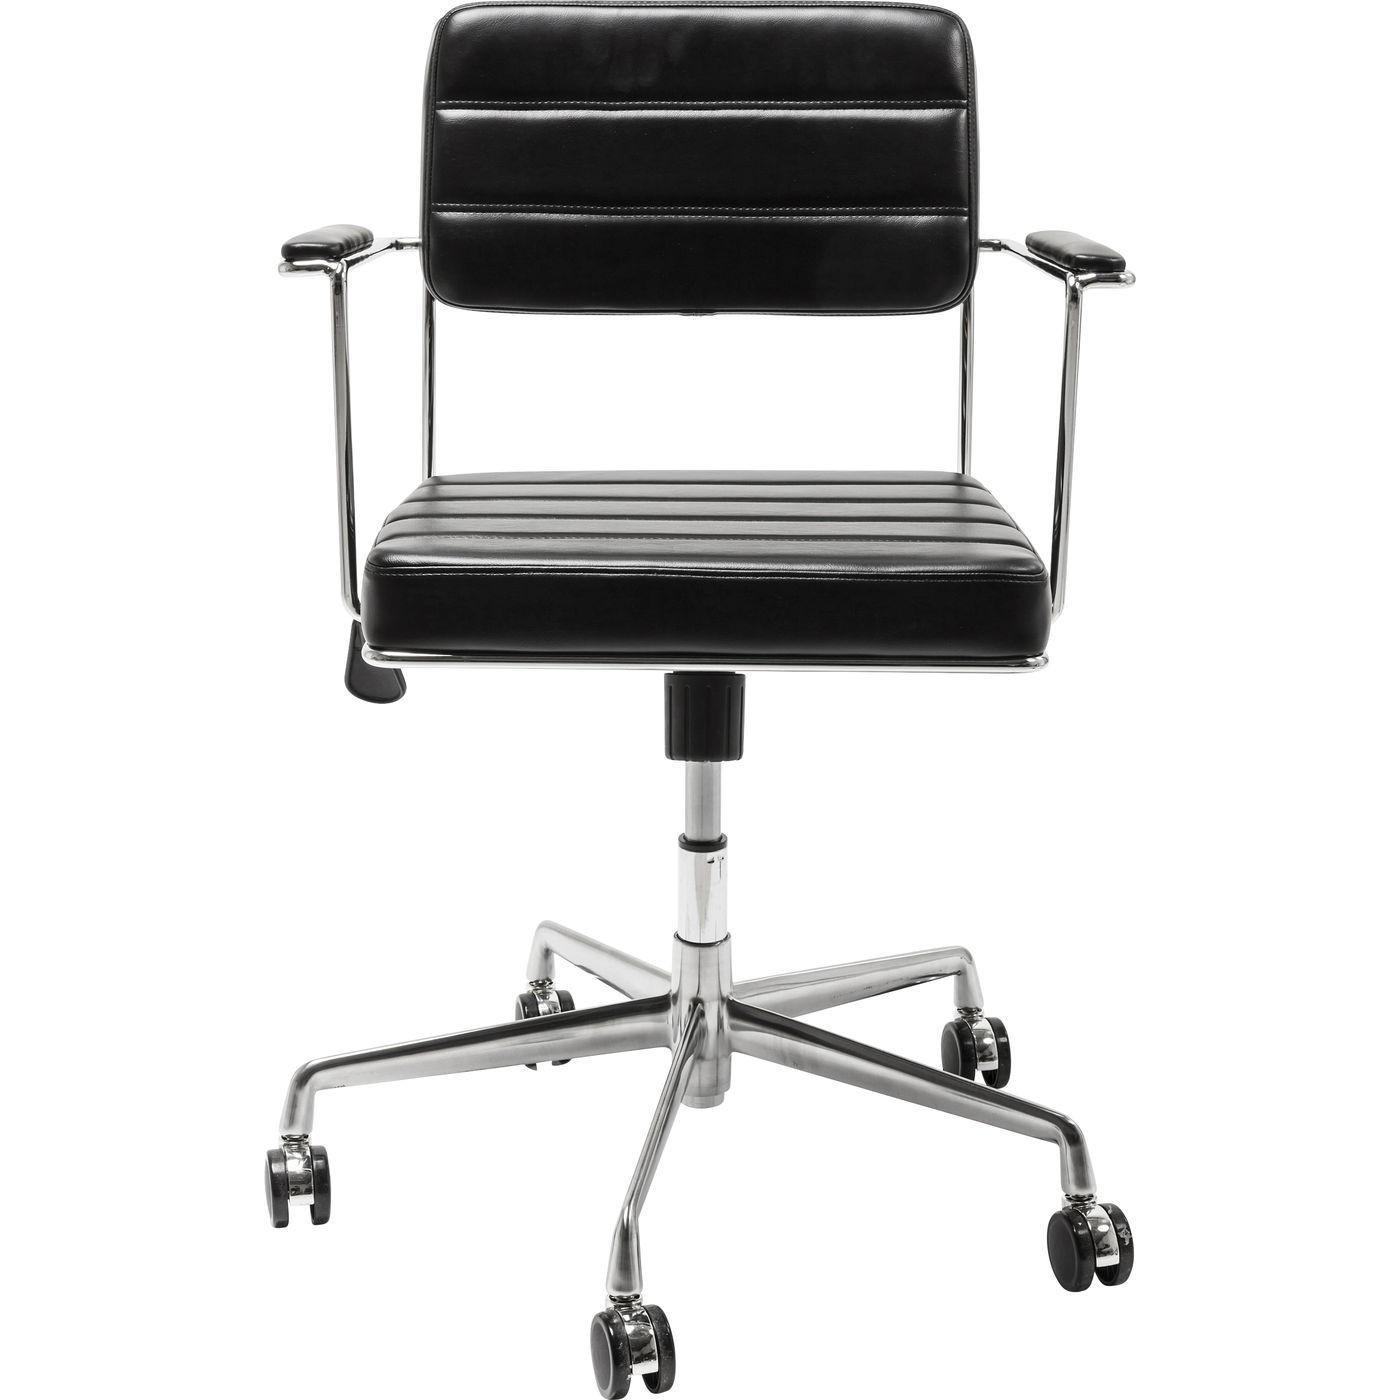 Chaise de bureau réglable à roulettes noire et acier chromé